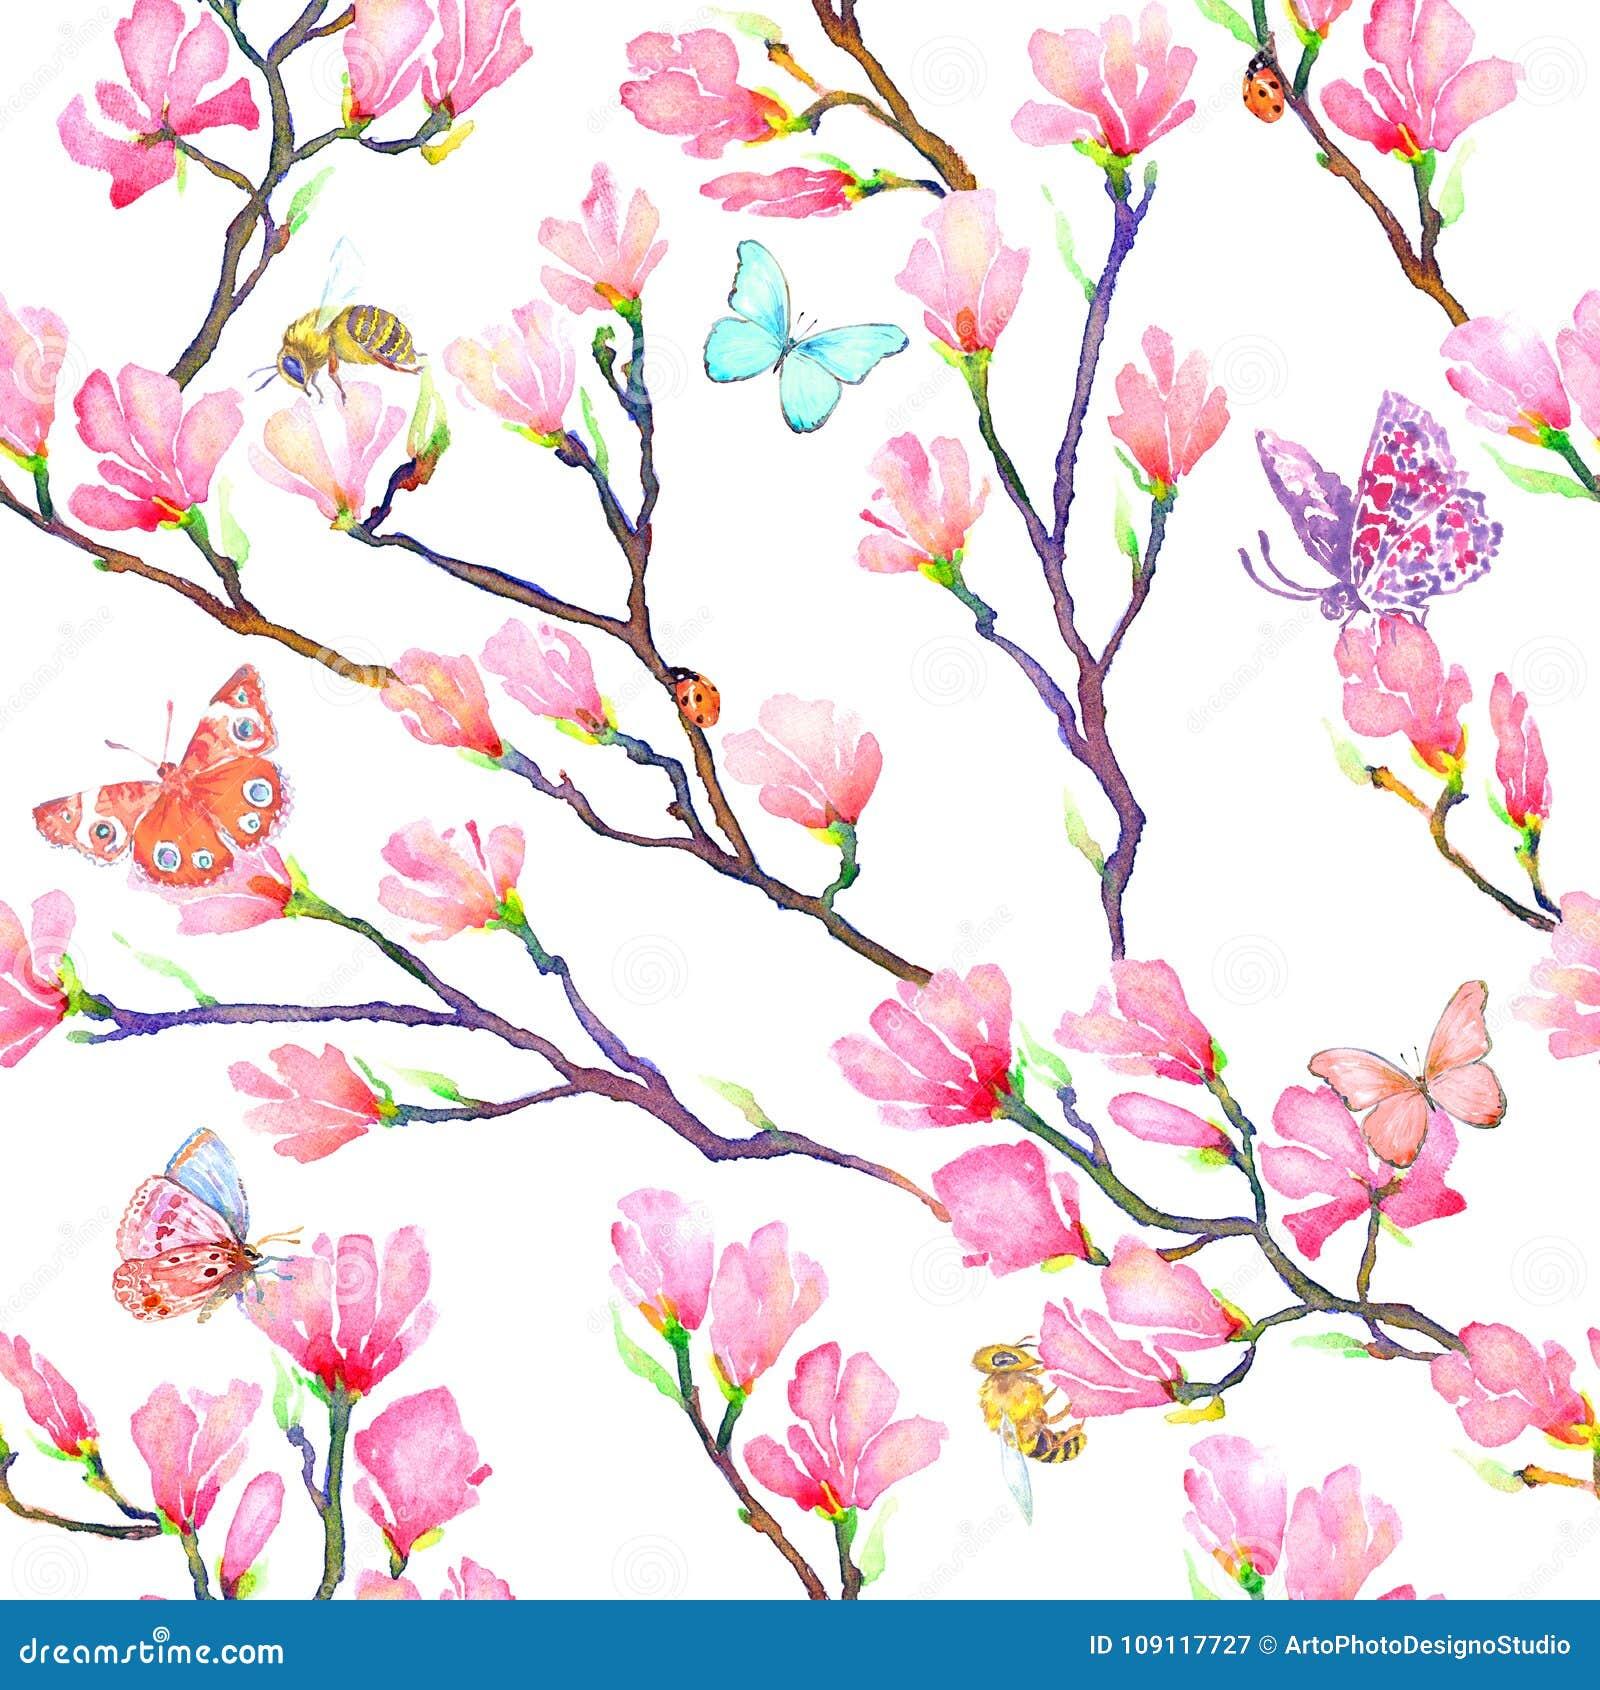 La magnolia rose s embranche avec des papillons, des insectes, des coccinelles et des abeilles